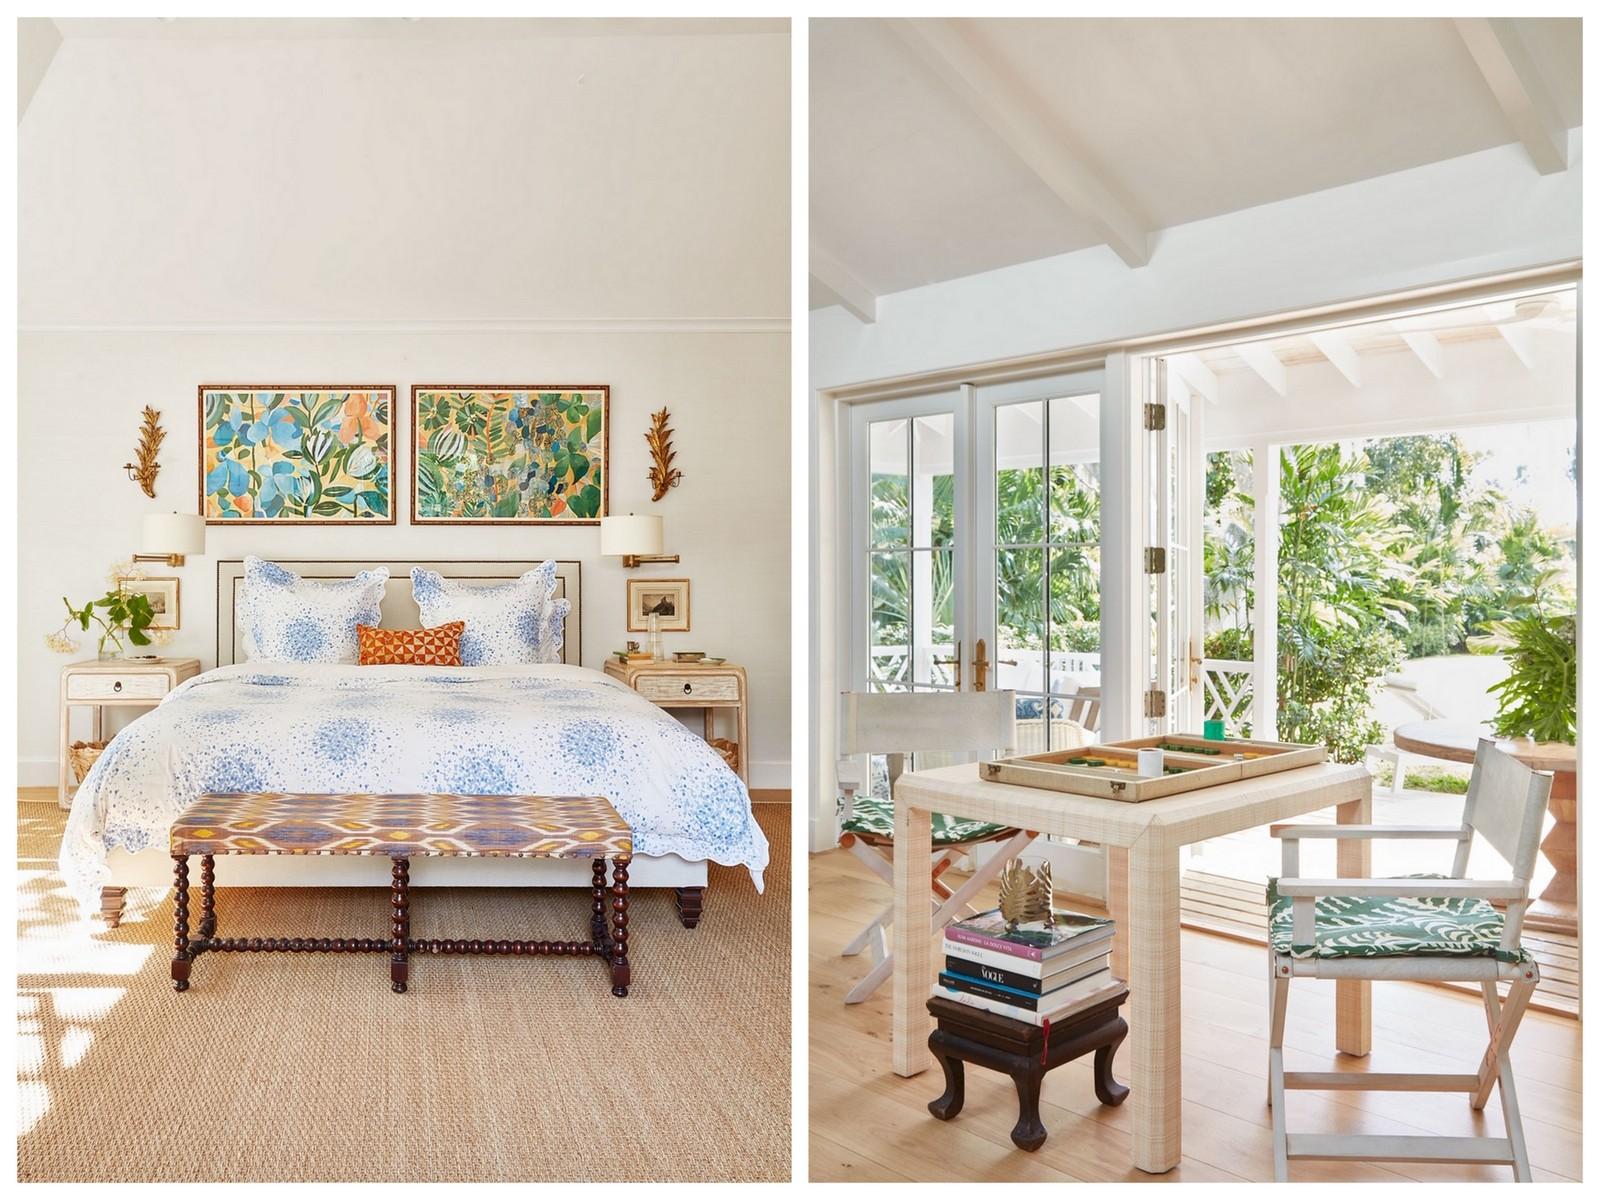 bungalow,beach shack,tropical style,lulu de kwiatkowski,lulu dk,peintre,artiste,illustration,bahamas,déco,décoration,architectural digest,ad,